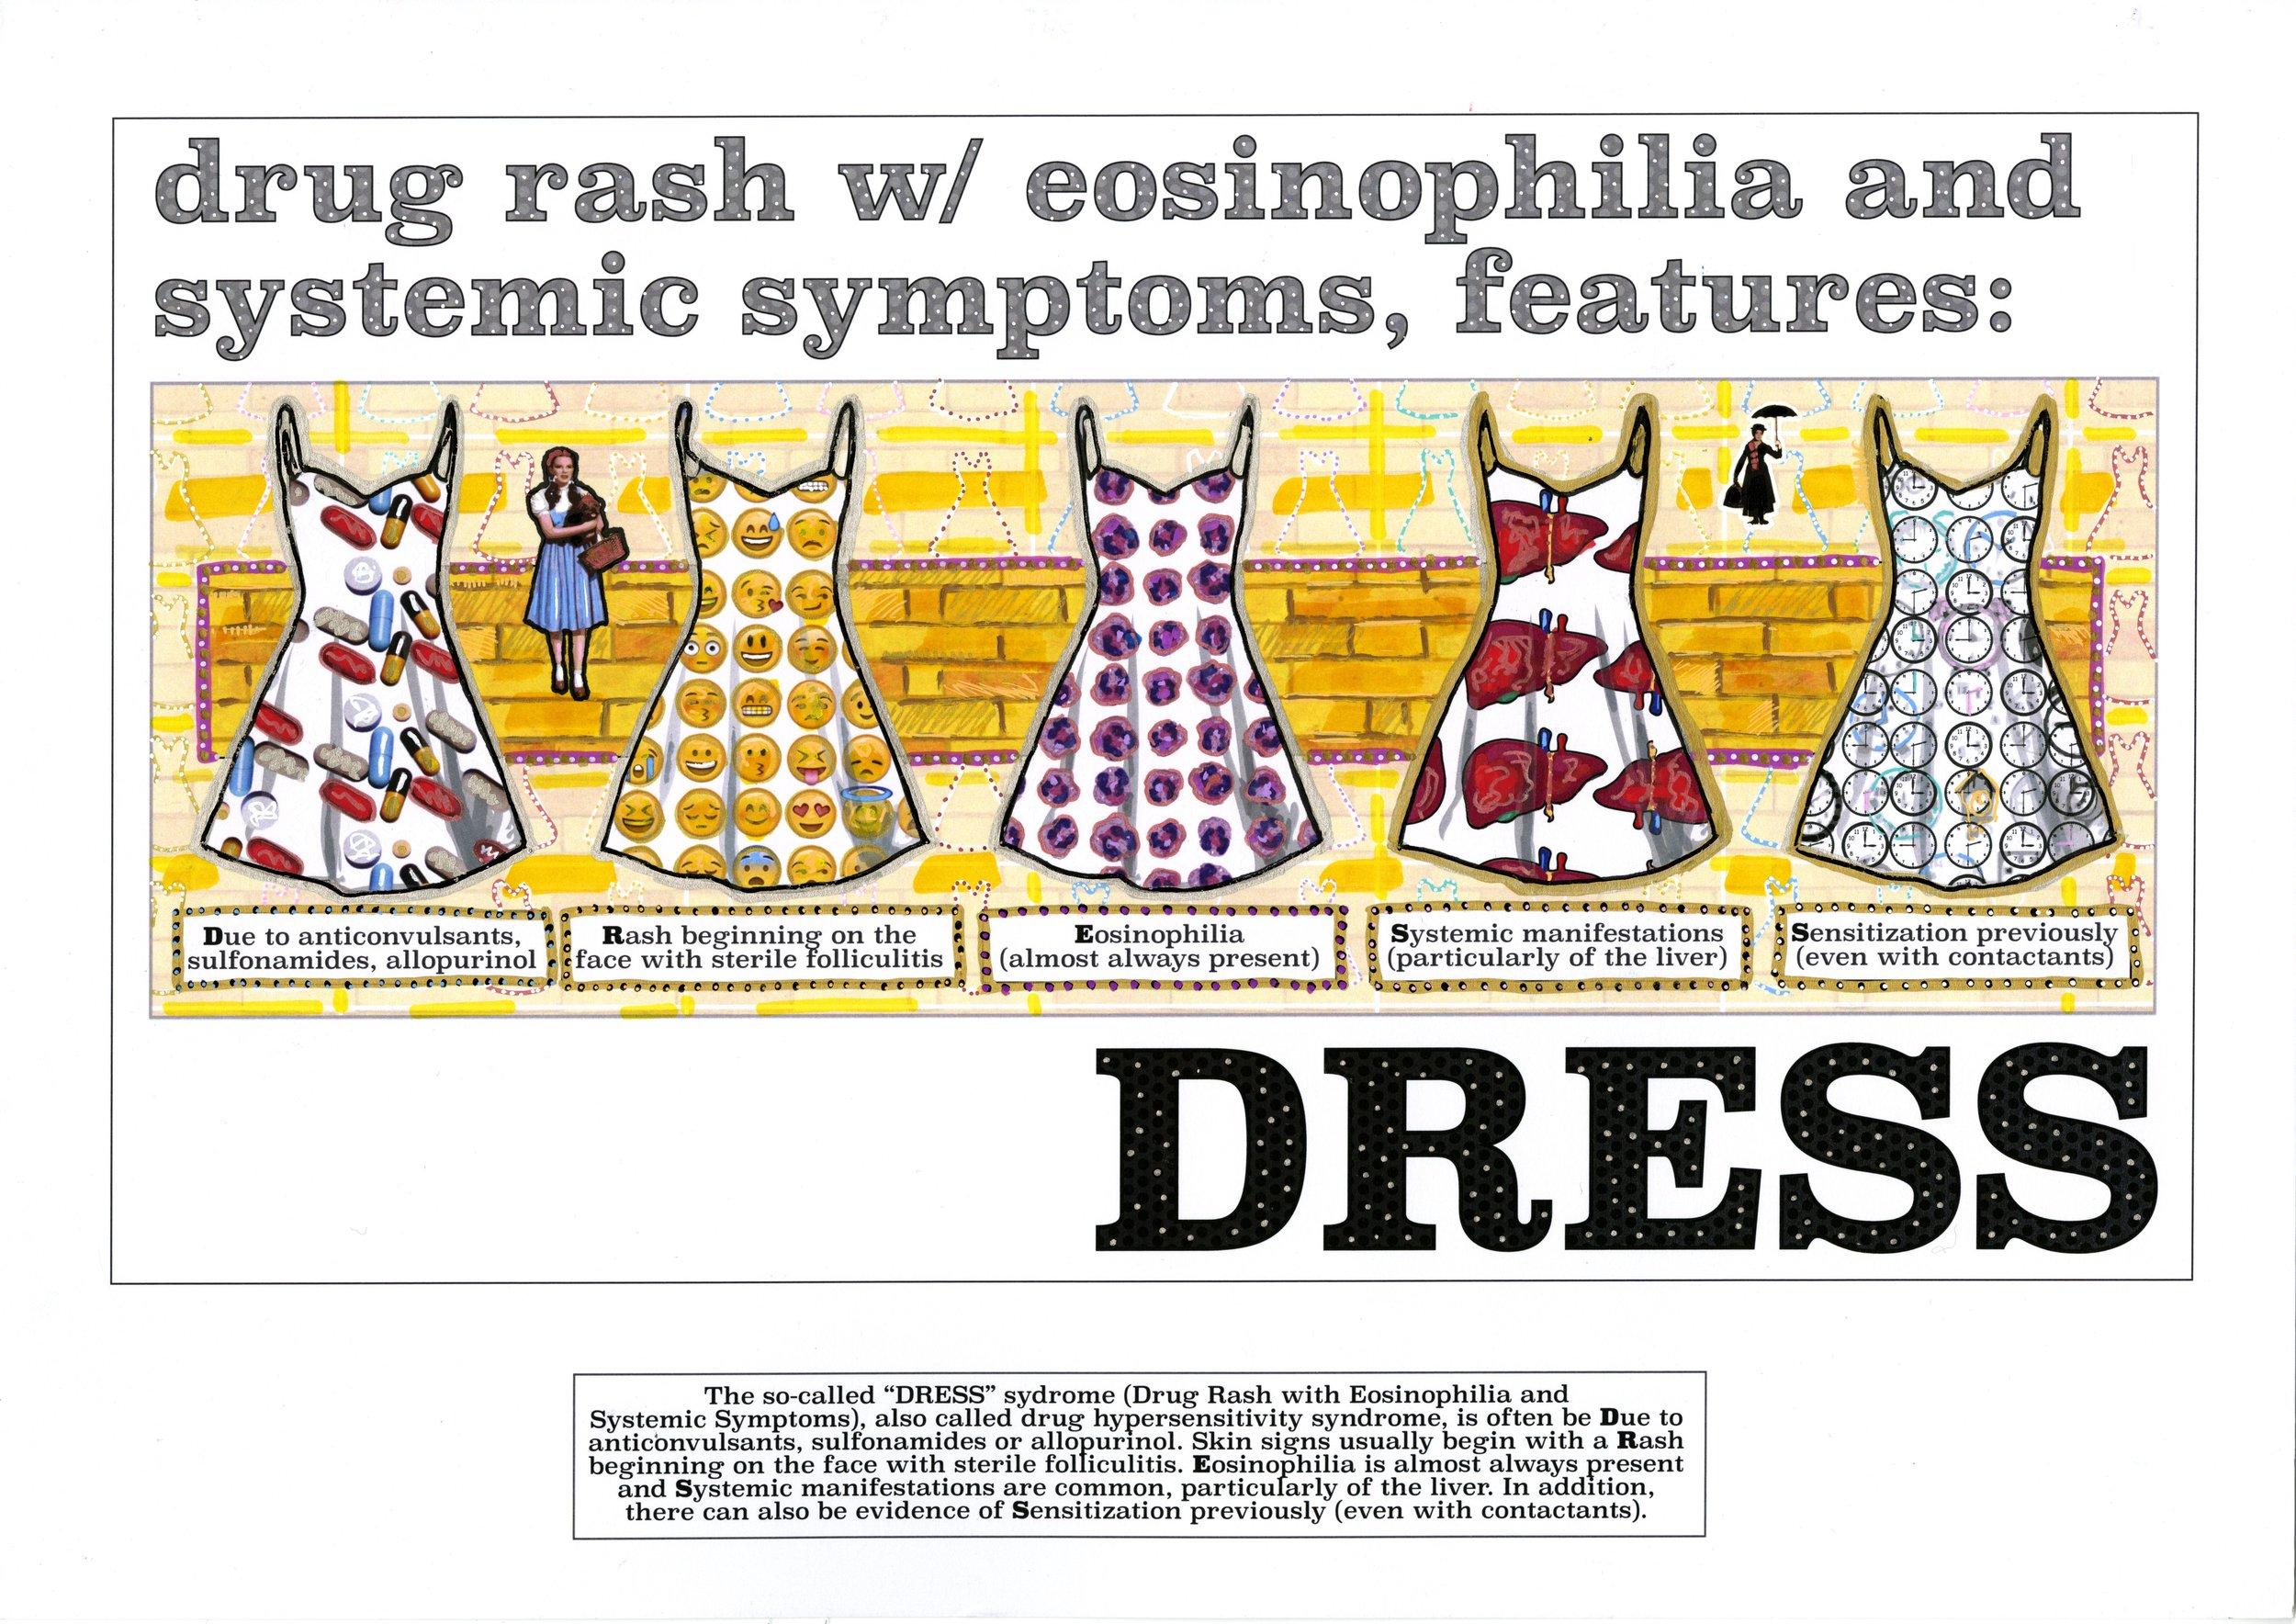 15 DRESS.jpg